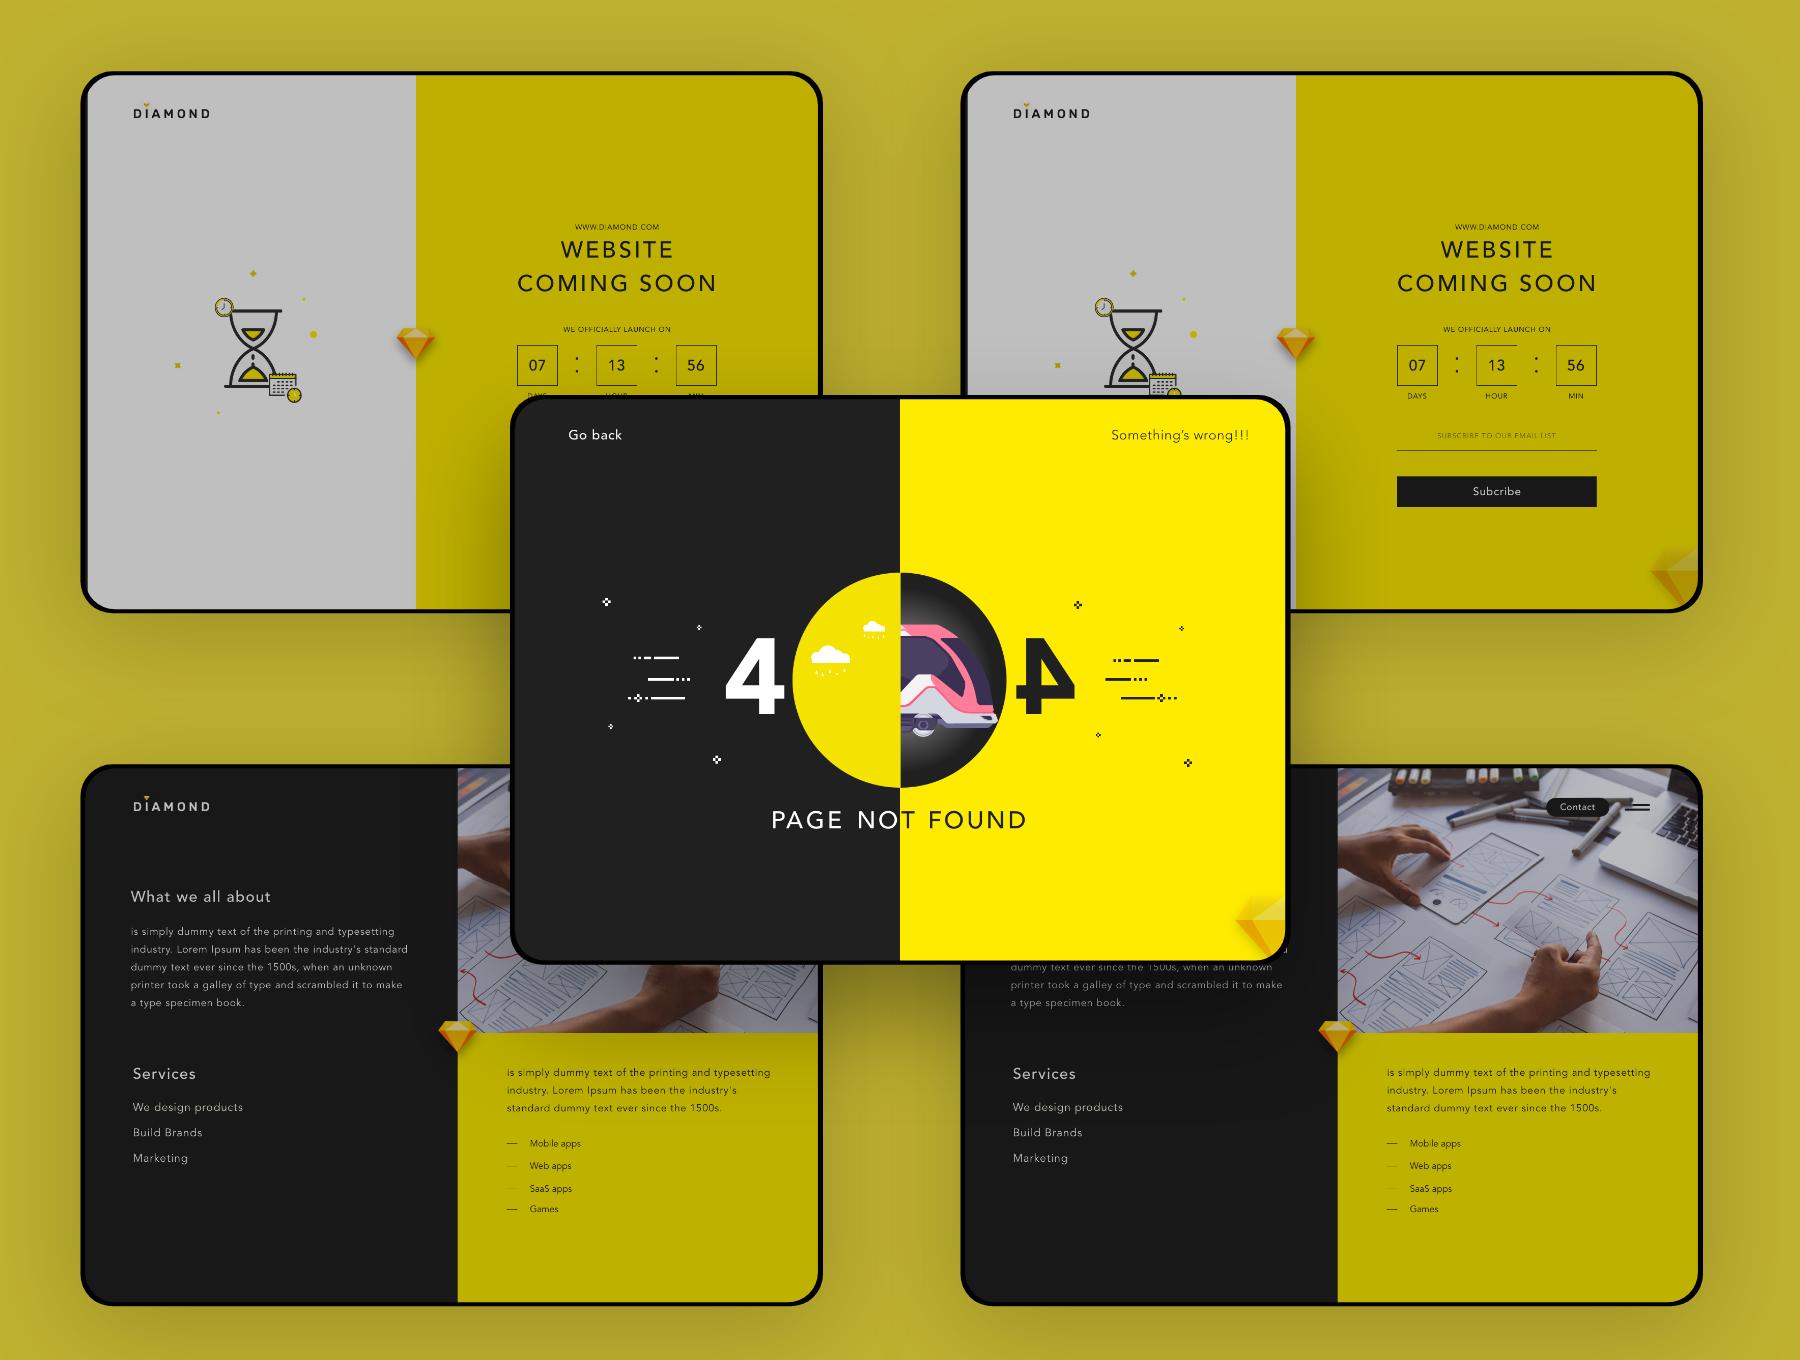 创意简洁公司网站WEB UI界面设计模板套件 Diamond UI Web Template插图(1)